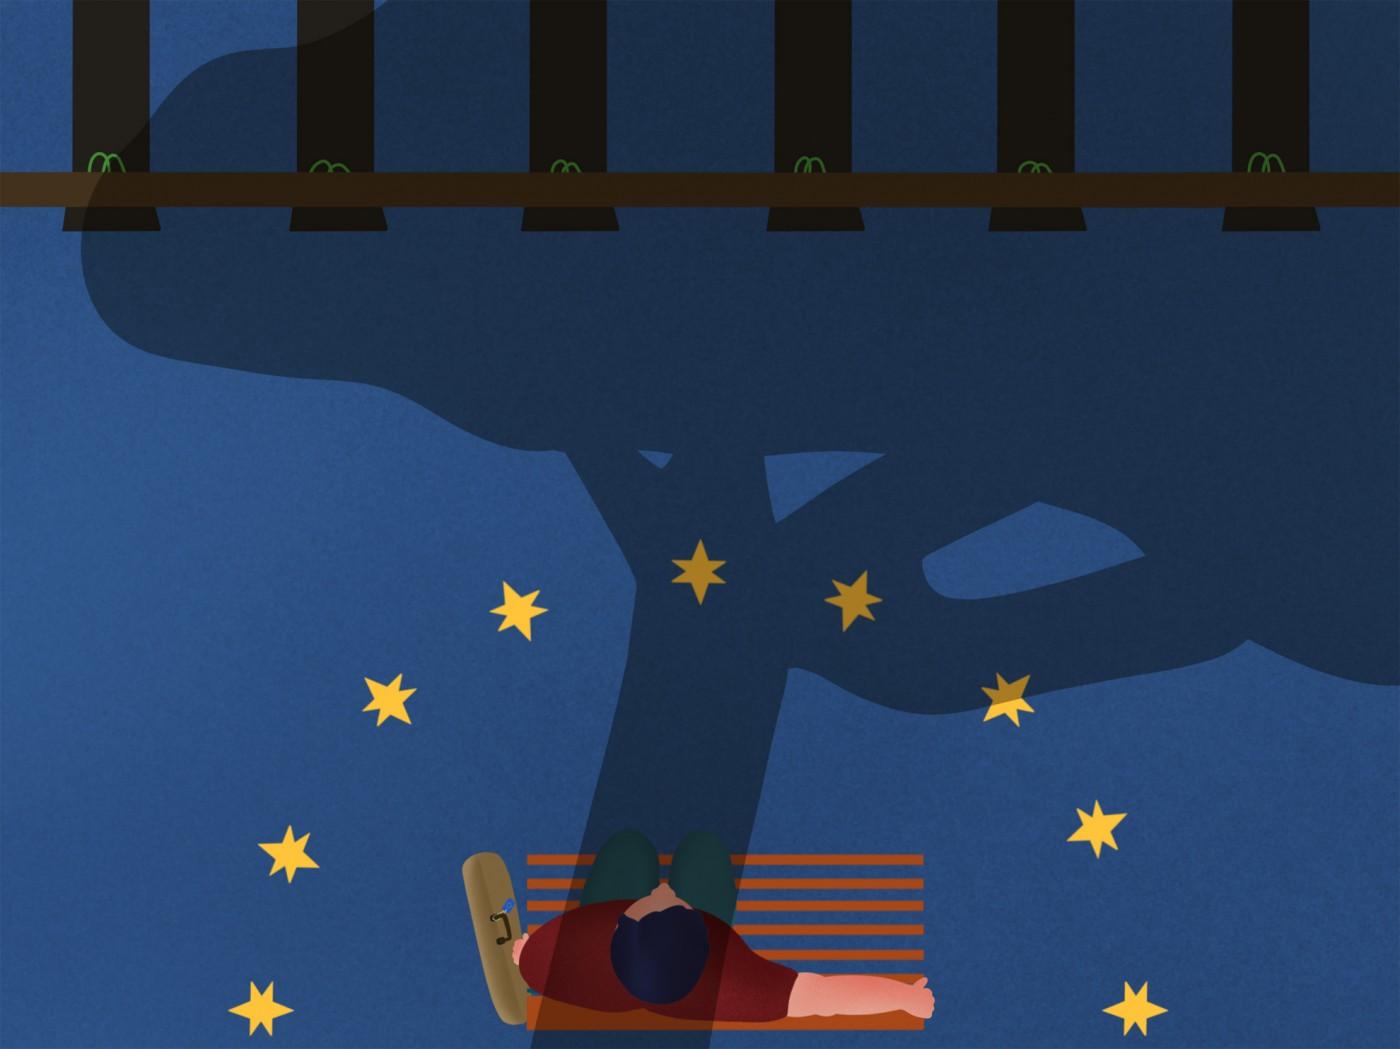 Greenrail, la sostenibilità e l'Europa in un'illustrazione dell'artista Burrnd